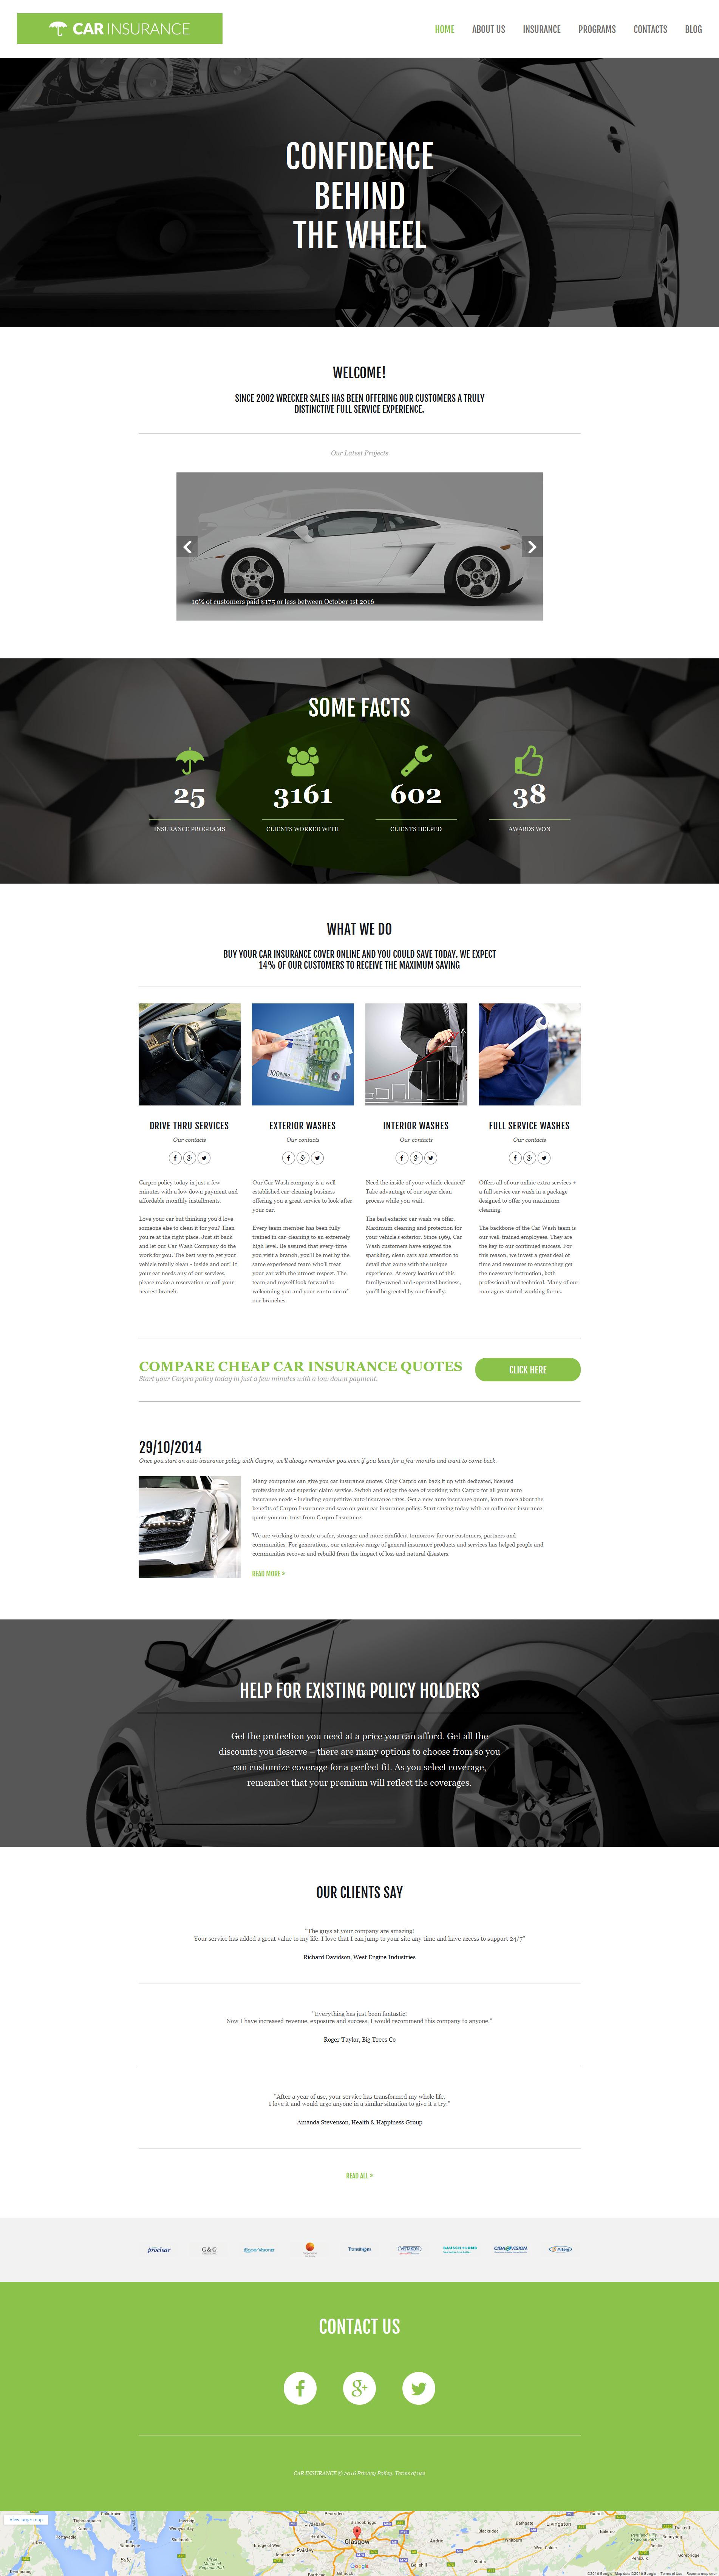 Responsywny szablon Moto CMS 3 #58681 na temat: ubezpieczenie samochodowe - zrzut ekranu